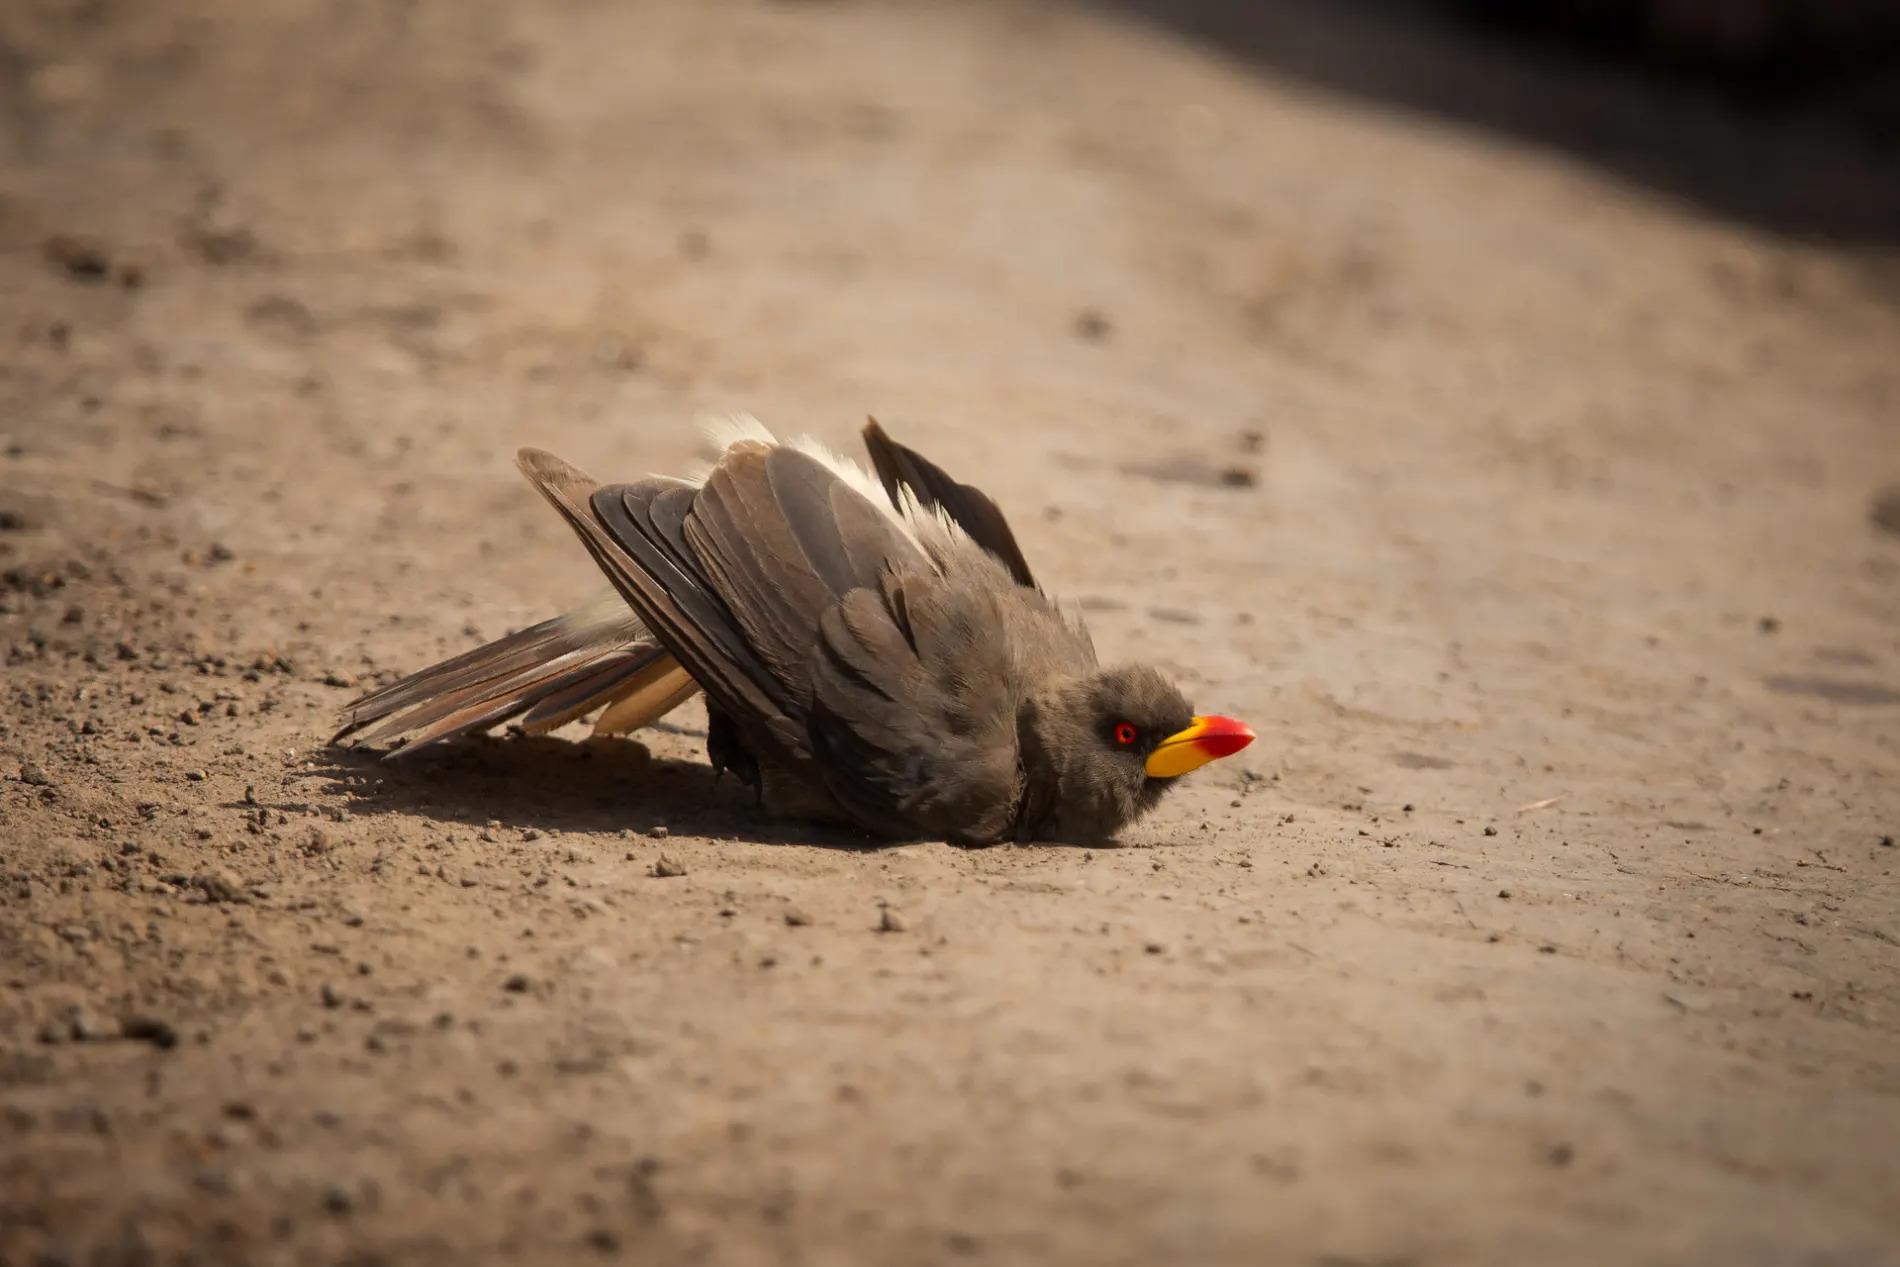 Oxpecker dustbath